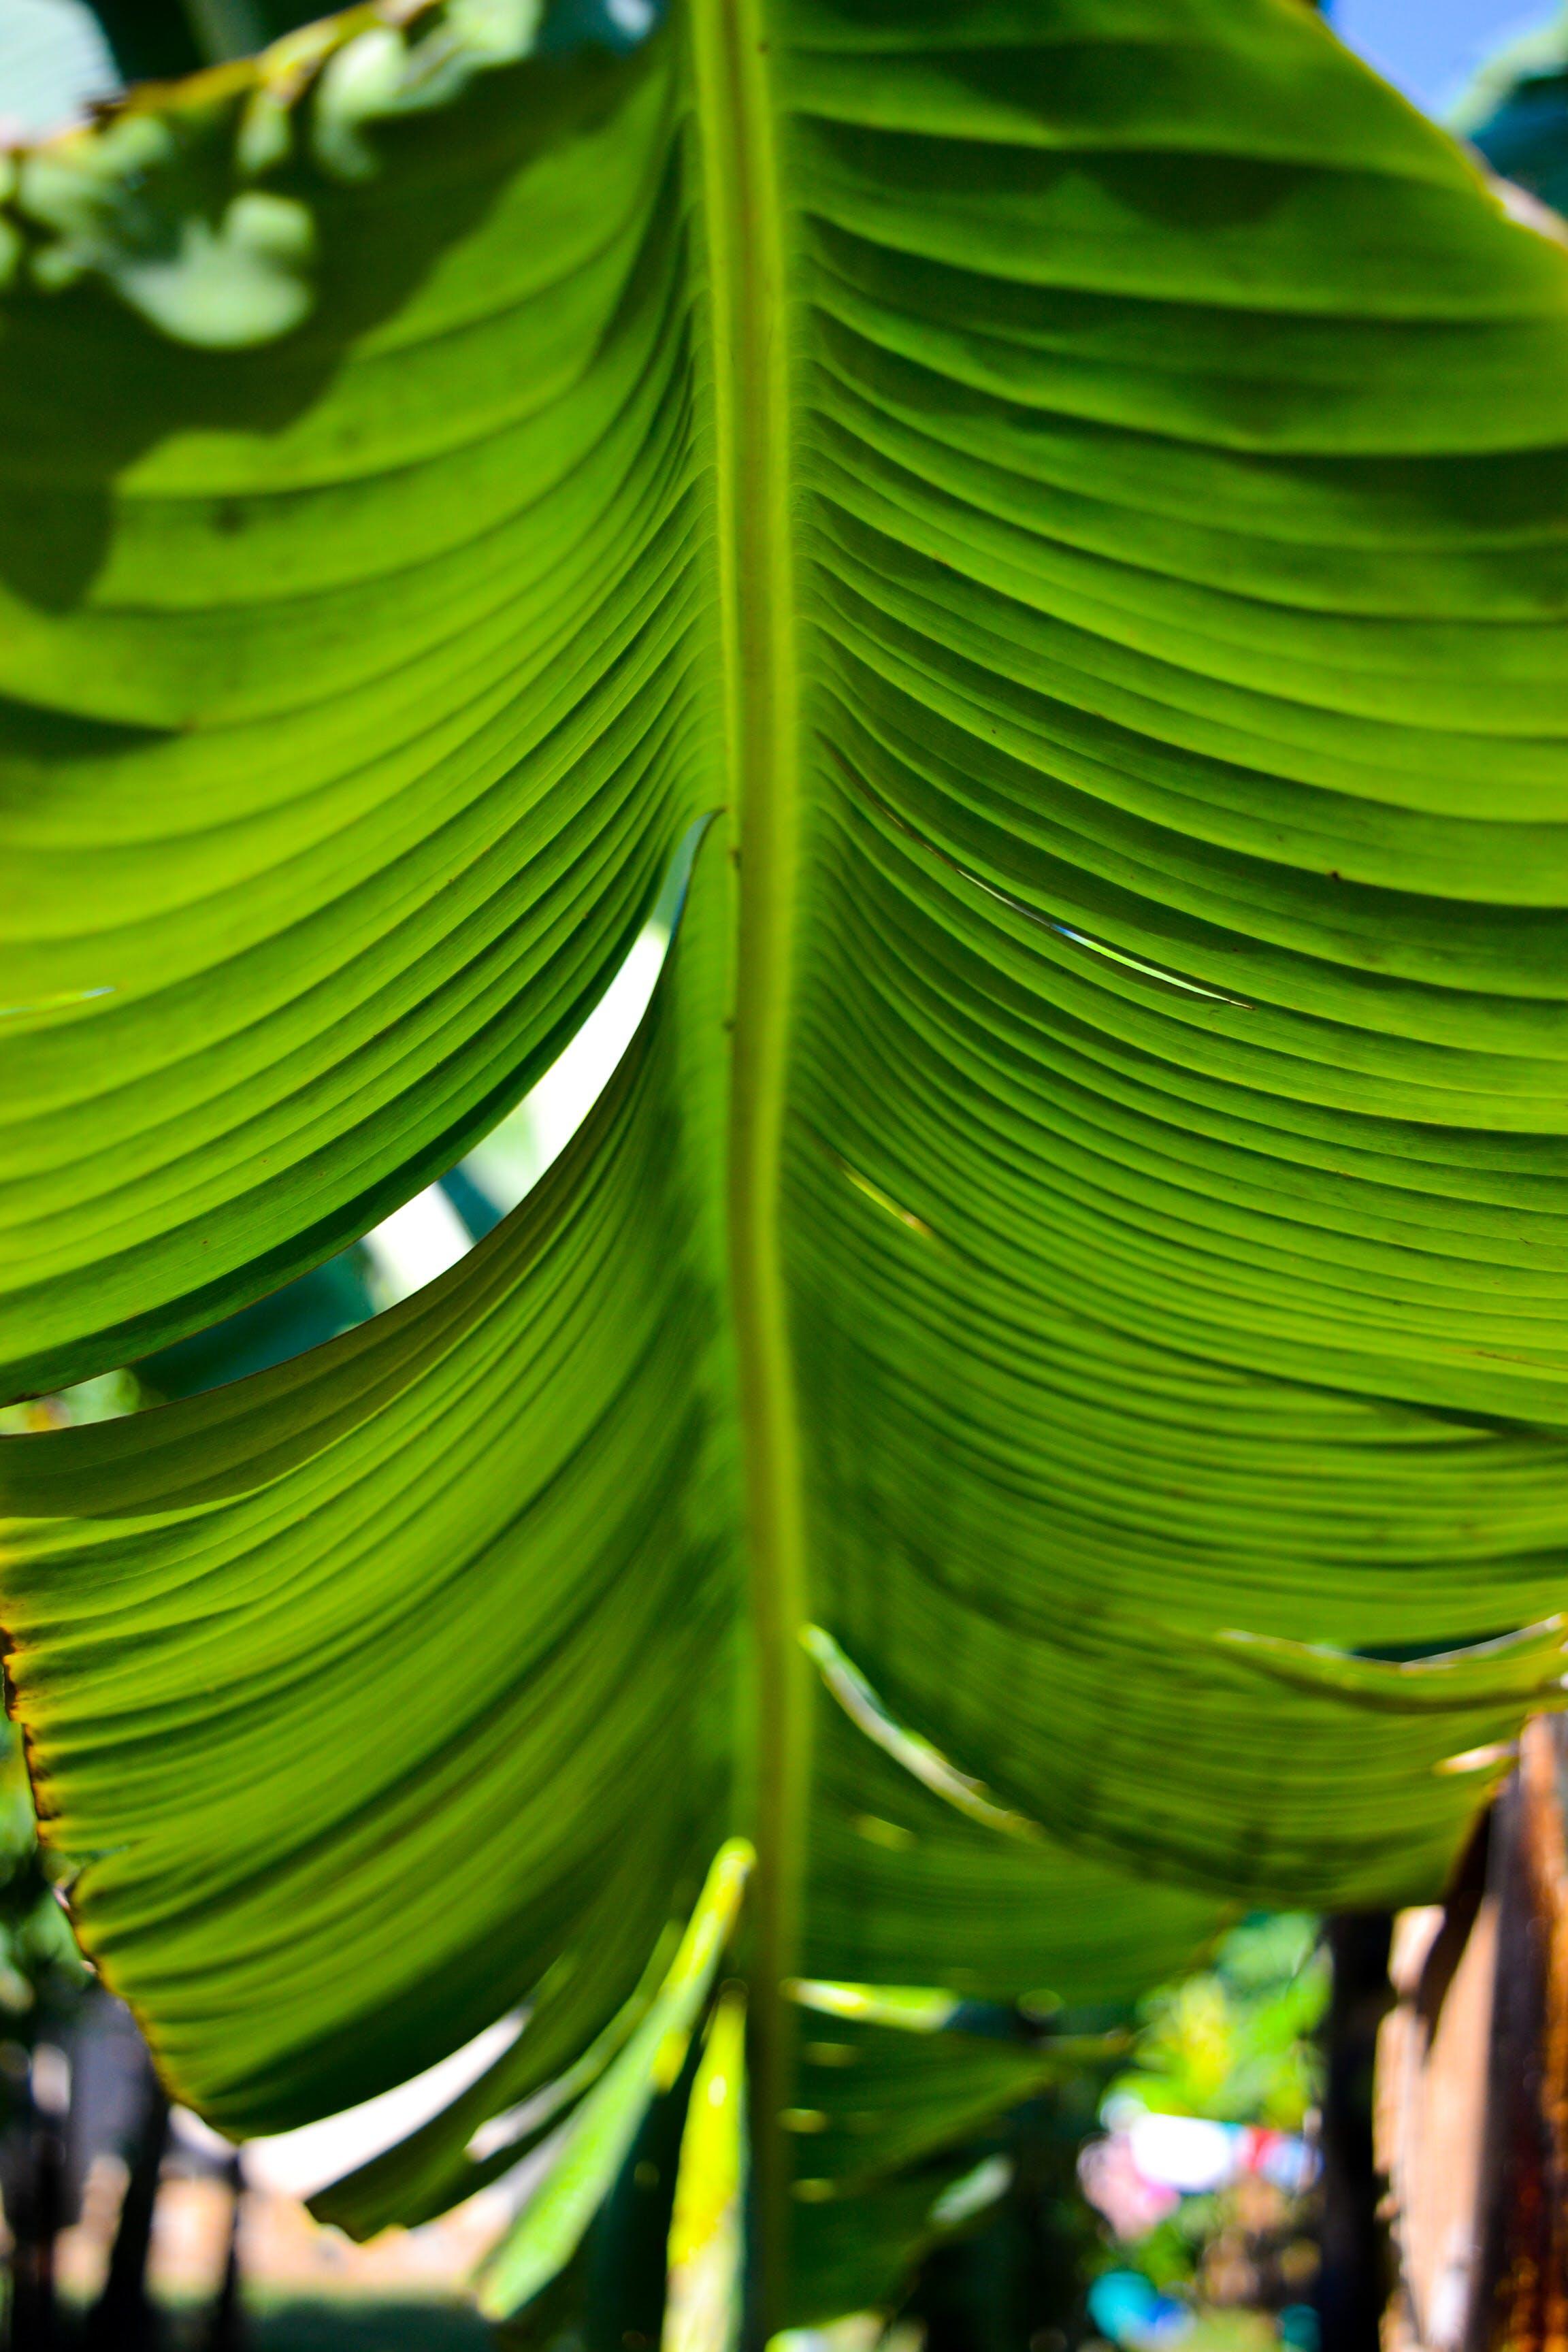 Gratis lagerfoto af bananblad, detalje, farve, farverig